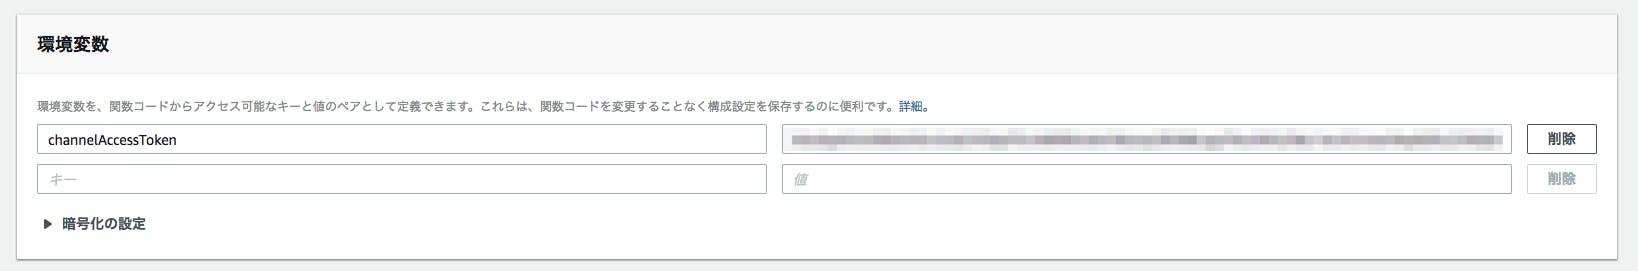 Lambda_Management_Console.png